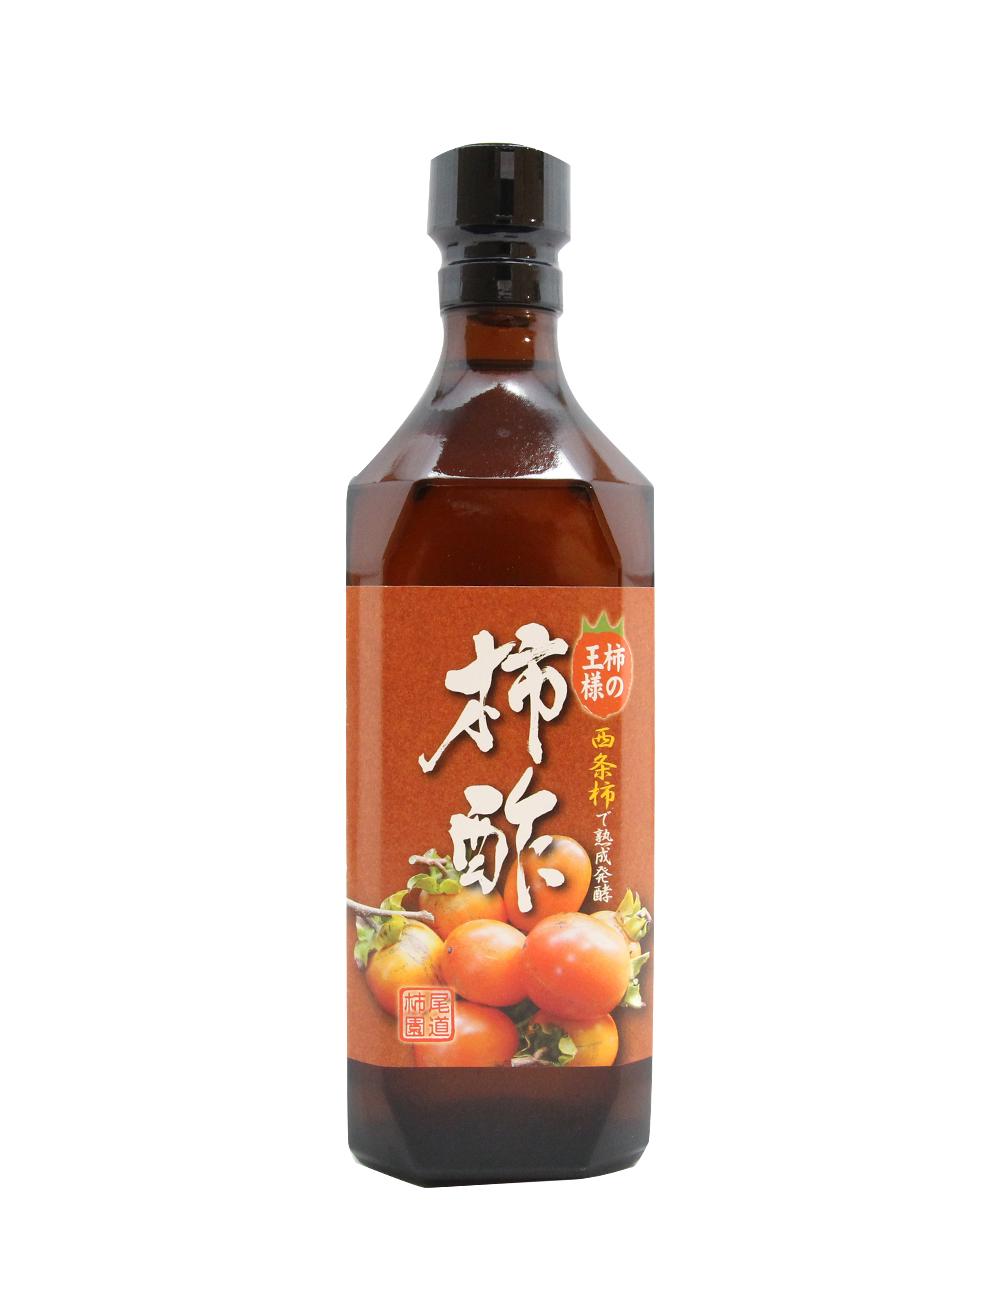 柿酢 柿の王様西条柿で熟成発酵